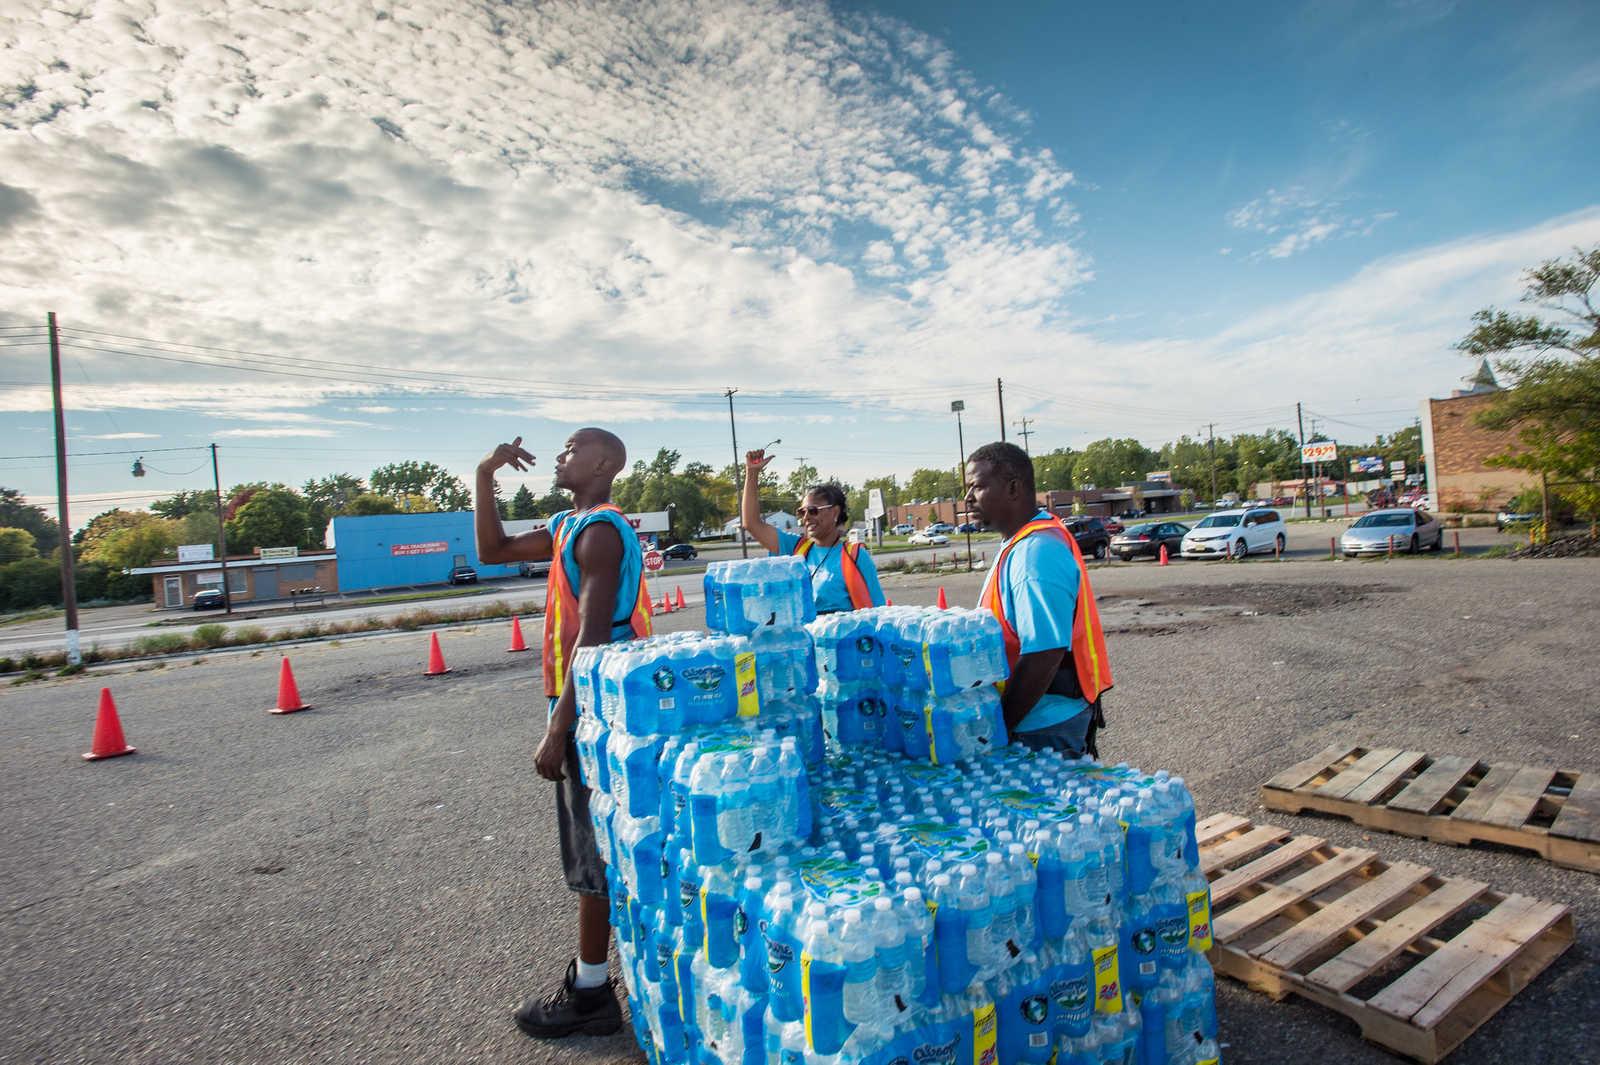 Trinkwasserflaschen auf Paletten mit Helfern in orangenen Jacken auf einem Parkplatz in Flint, Michigan, USA. Flint's Wasserkrise führte dazu, dass das Wasser aus dem Wasserhahn nicht mehr bekömmlich war. Himmel blau leicht bewölkt. Helfer sind people of color.